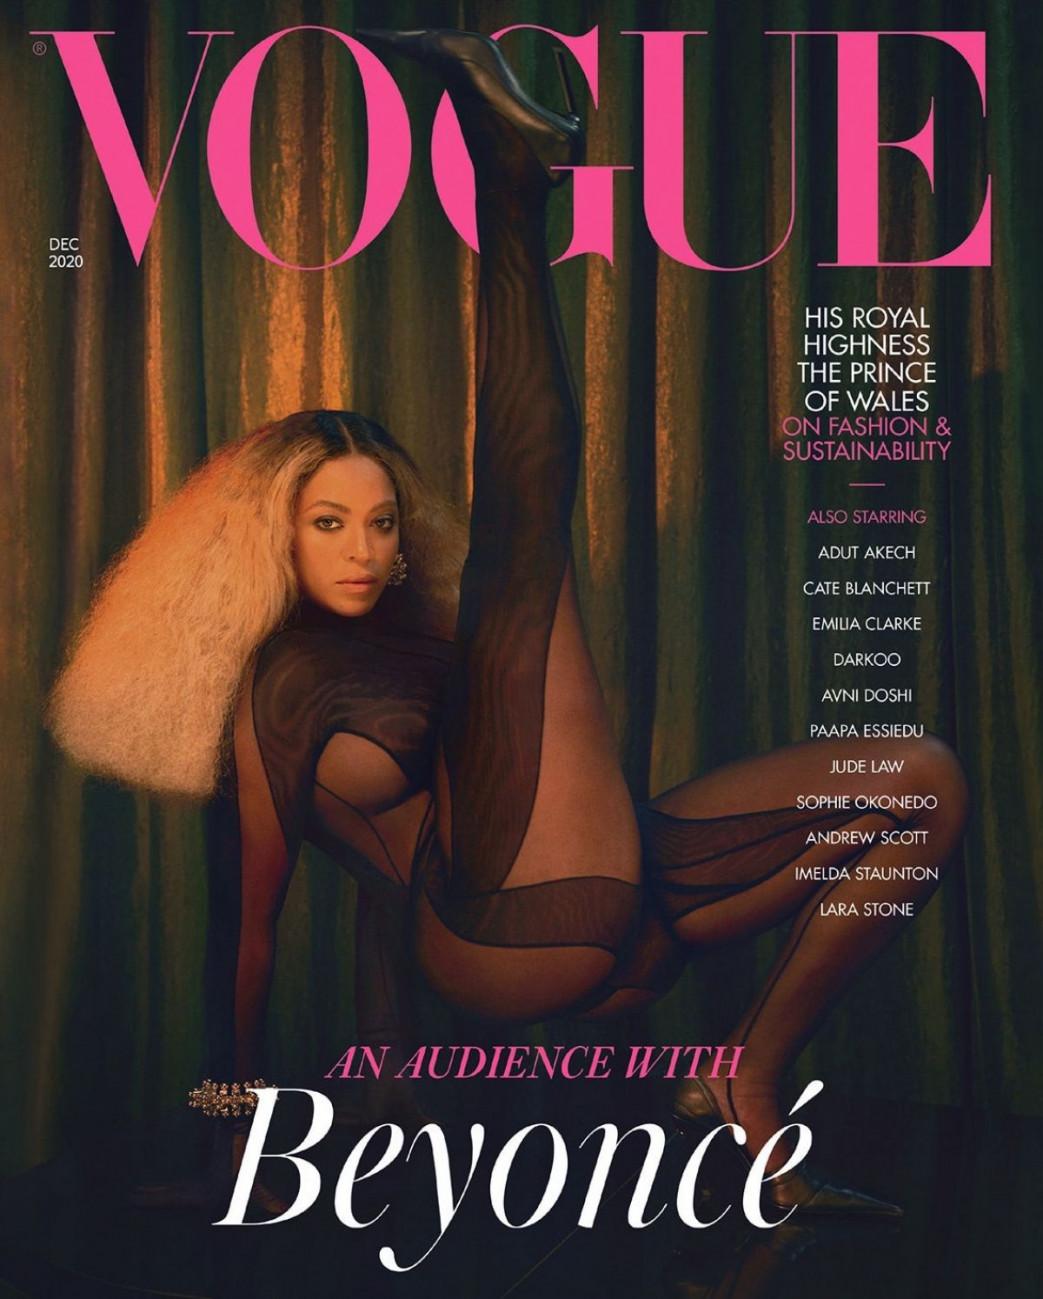 Beyonce for Vogue, UK December 2020